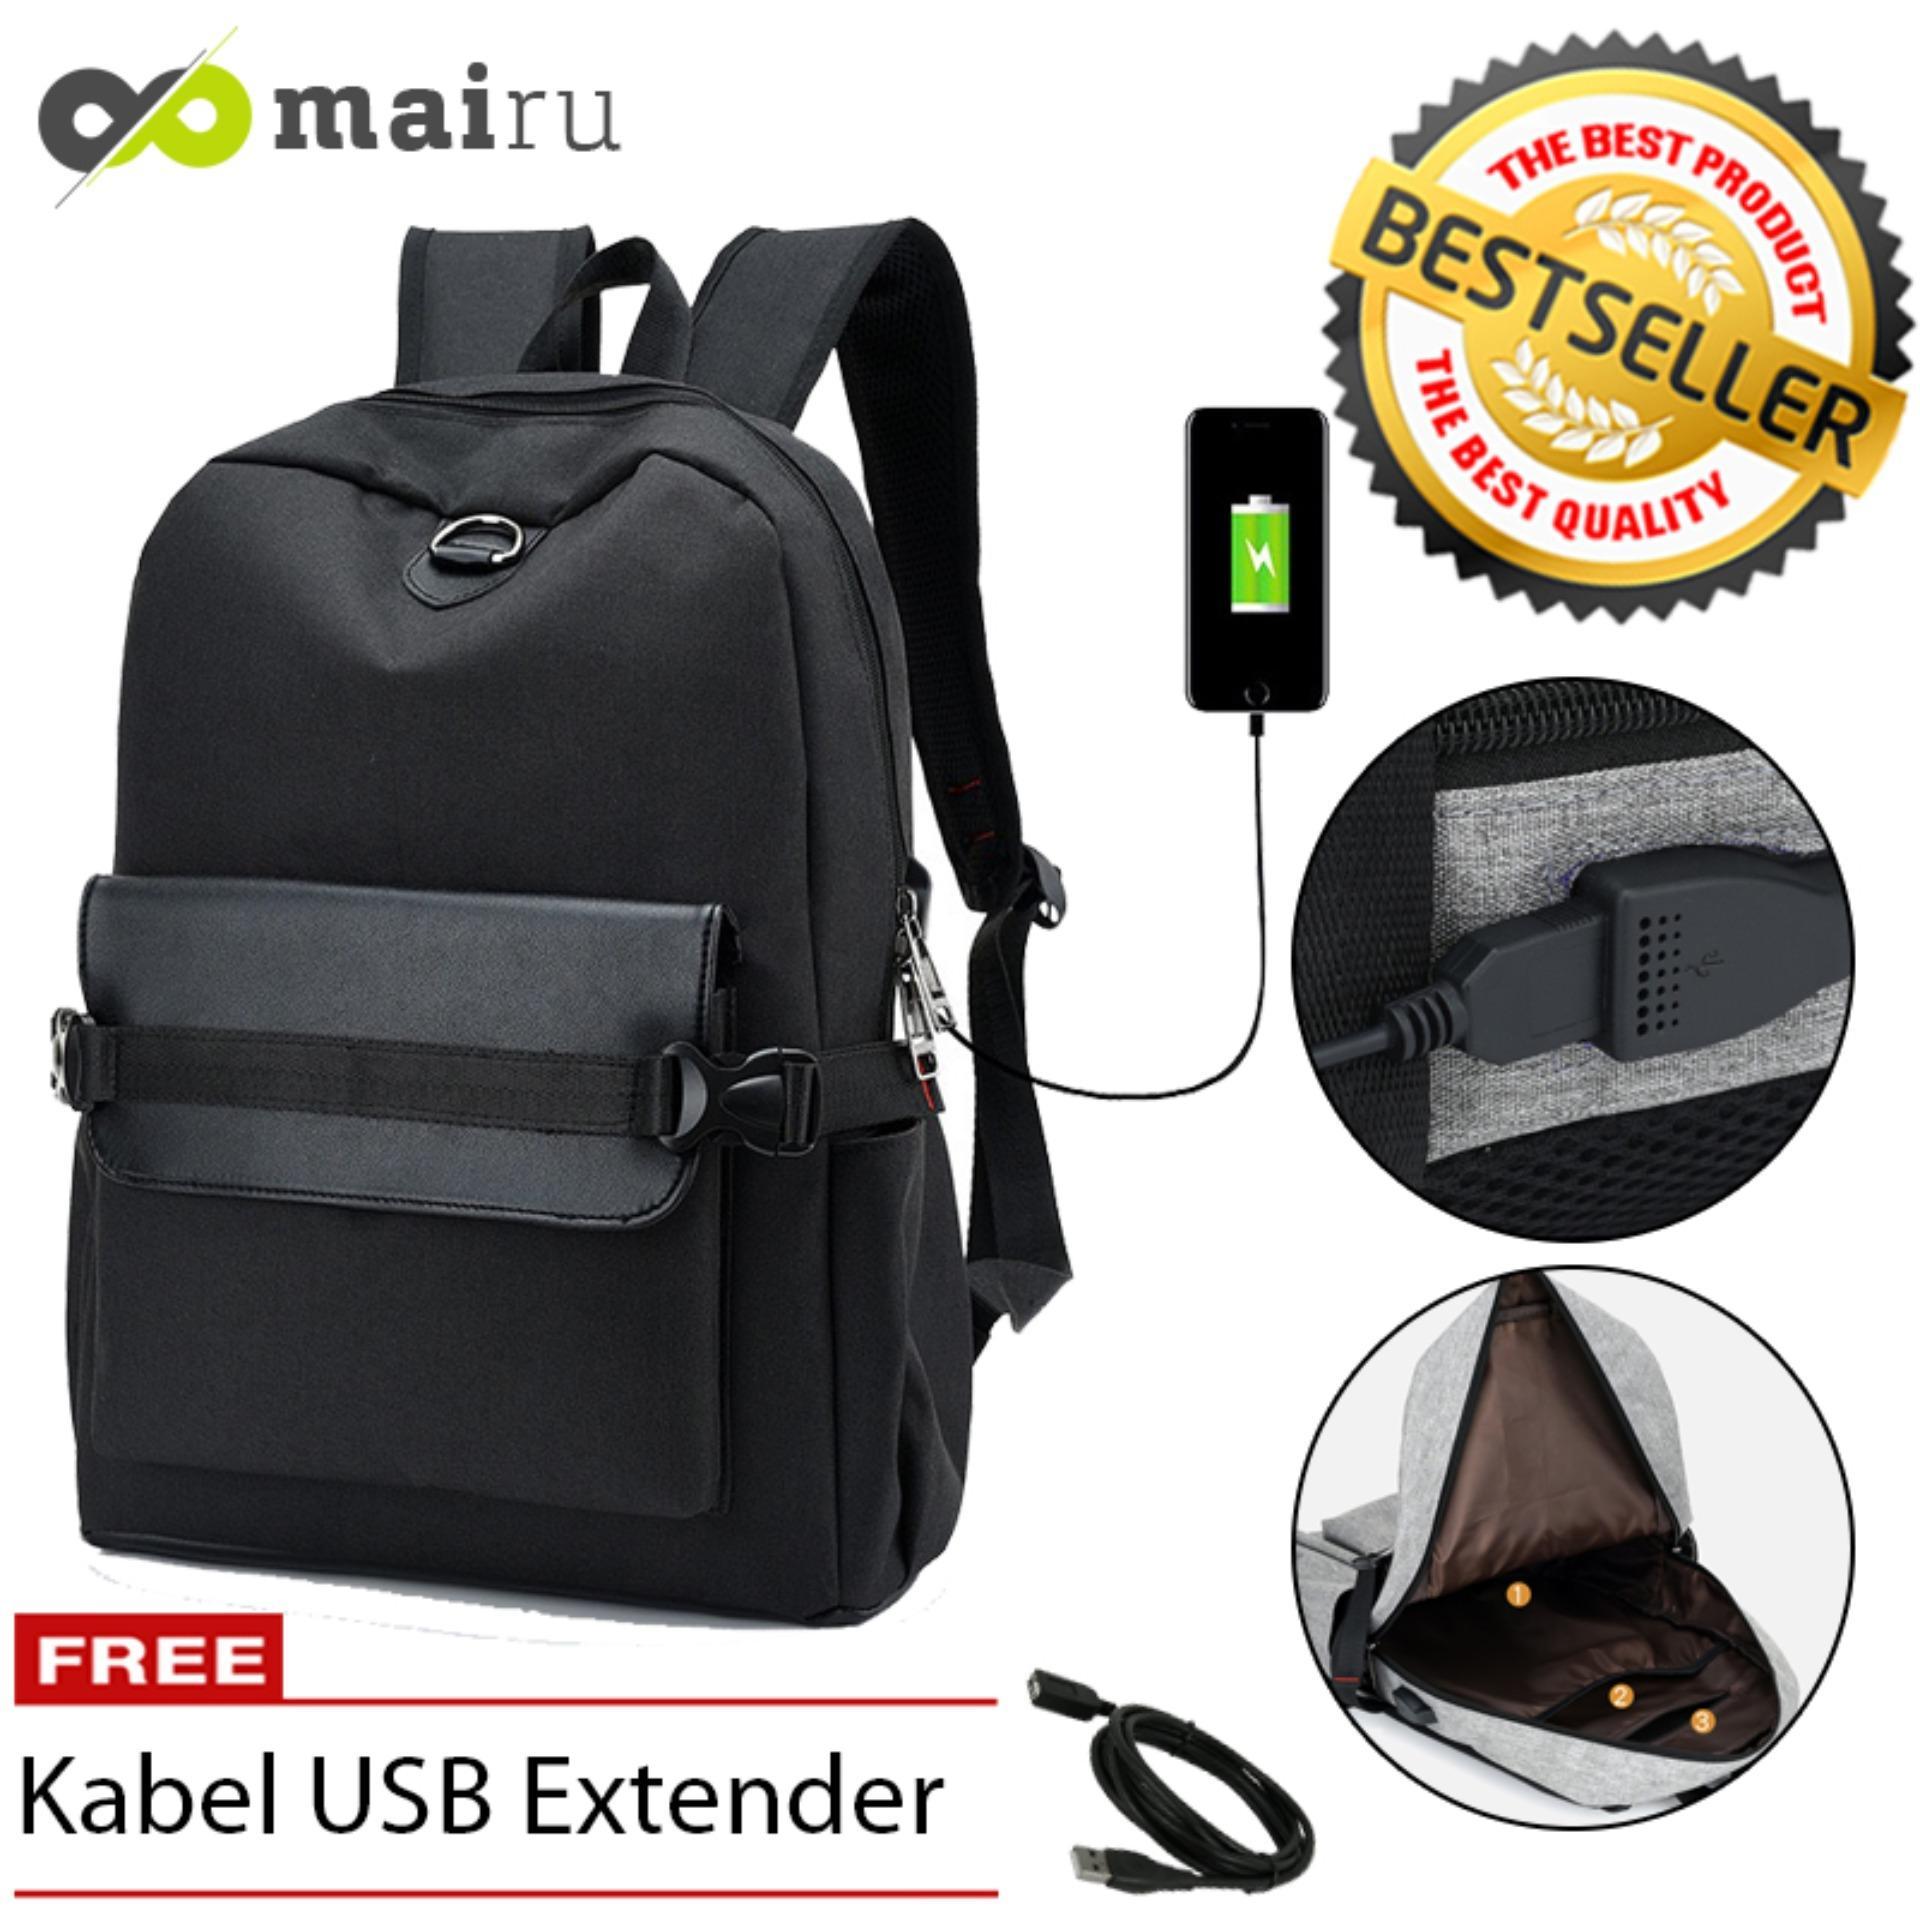 Tas Ransel Laptop Backpack Import Untuk Pria Wanita Anak Sekolah - Support  USB Port Charger -. Brands  Mairu 93461878e2